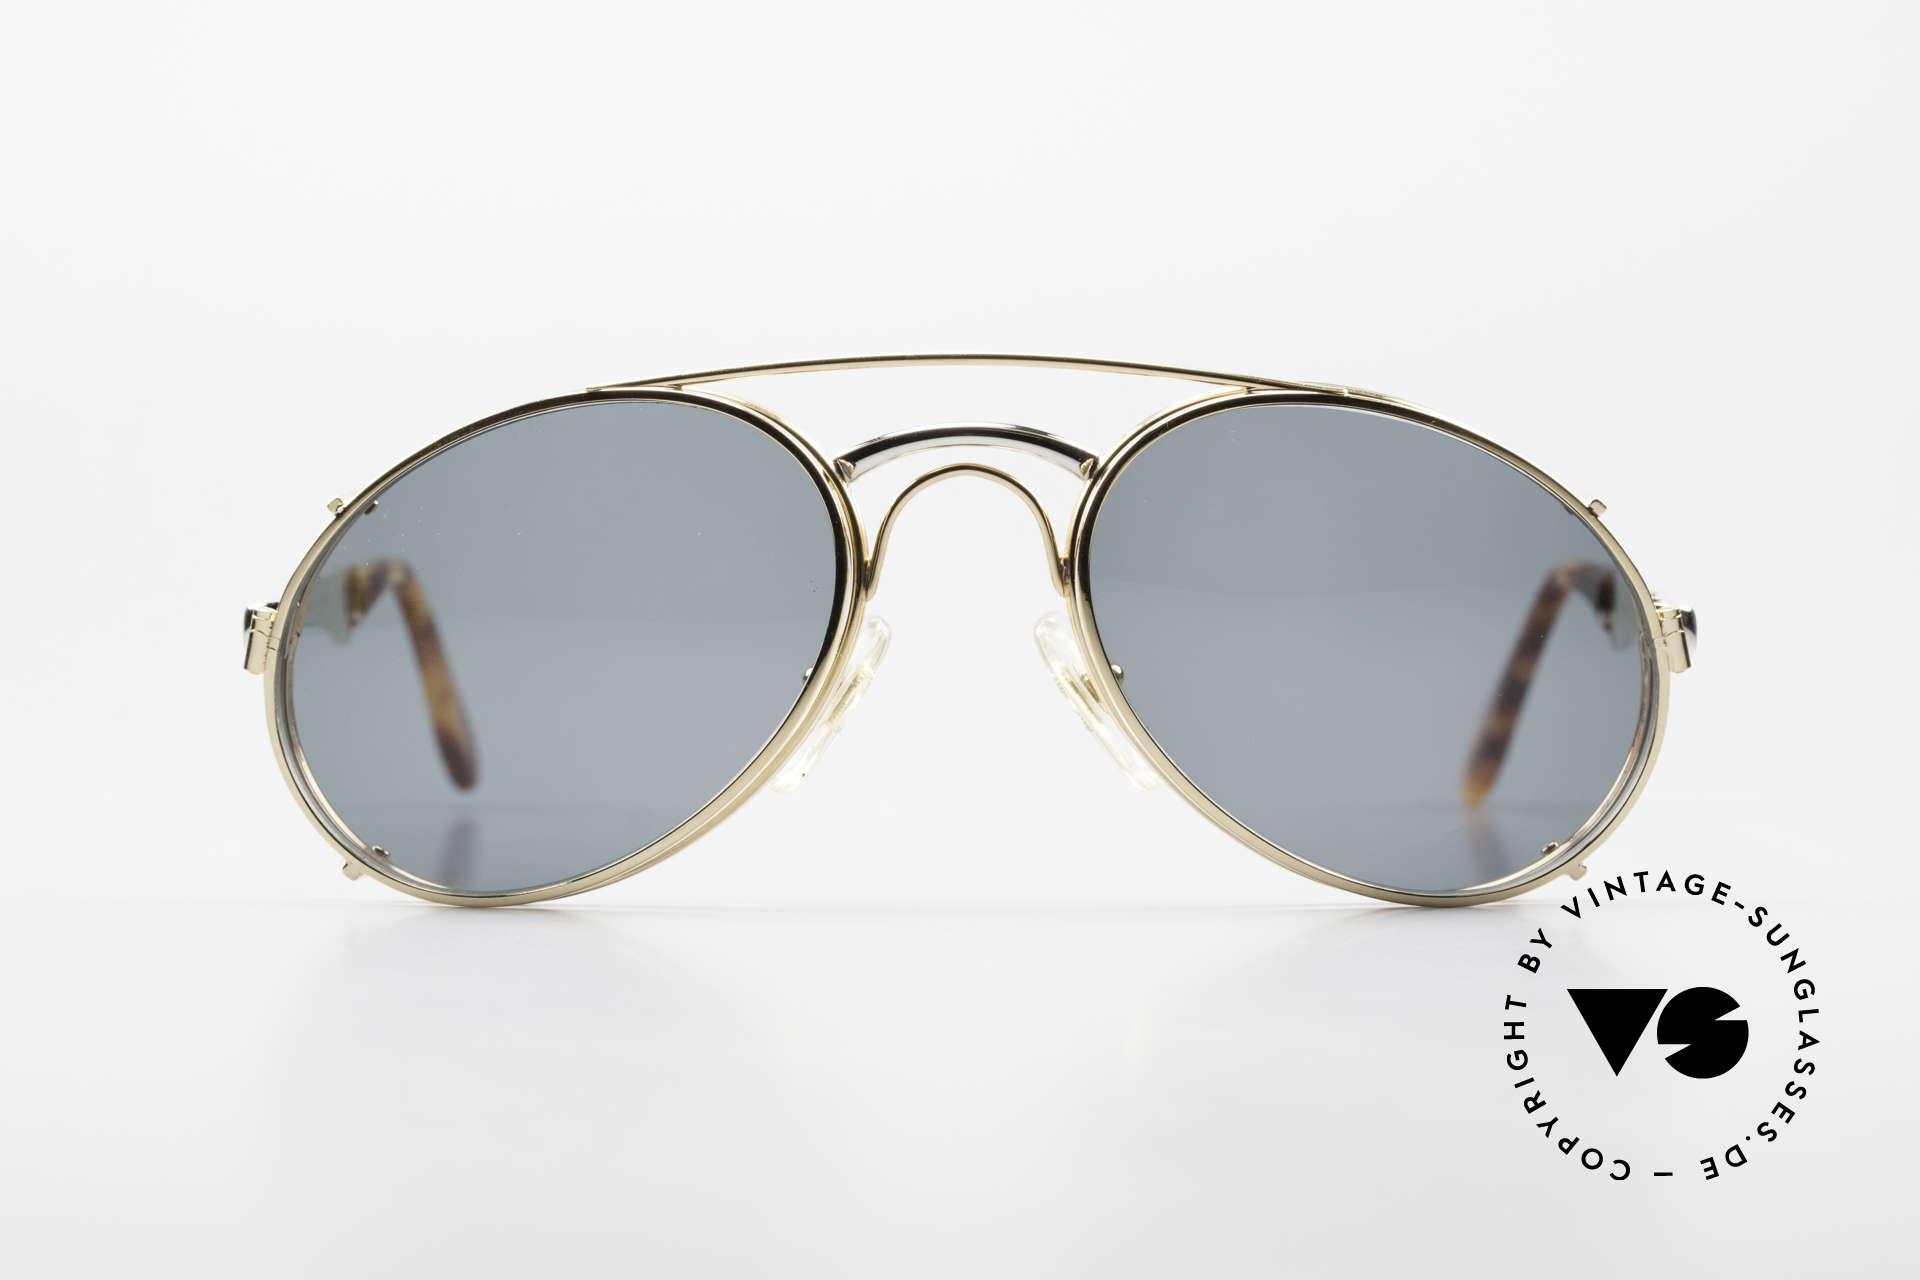 Bugatti 11948 Luxury Men's Glasses Clip On, the Bugatti CLASSIC par excellence, a legend!, Made for Men